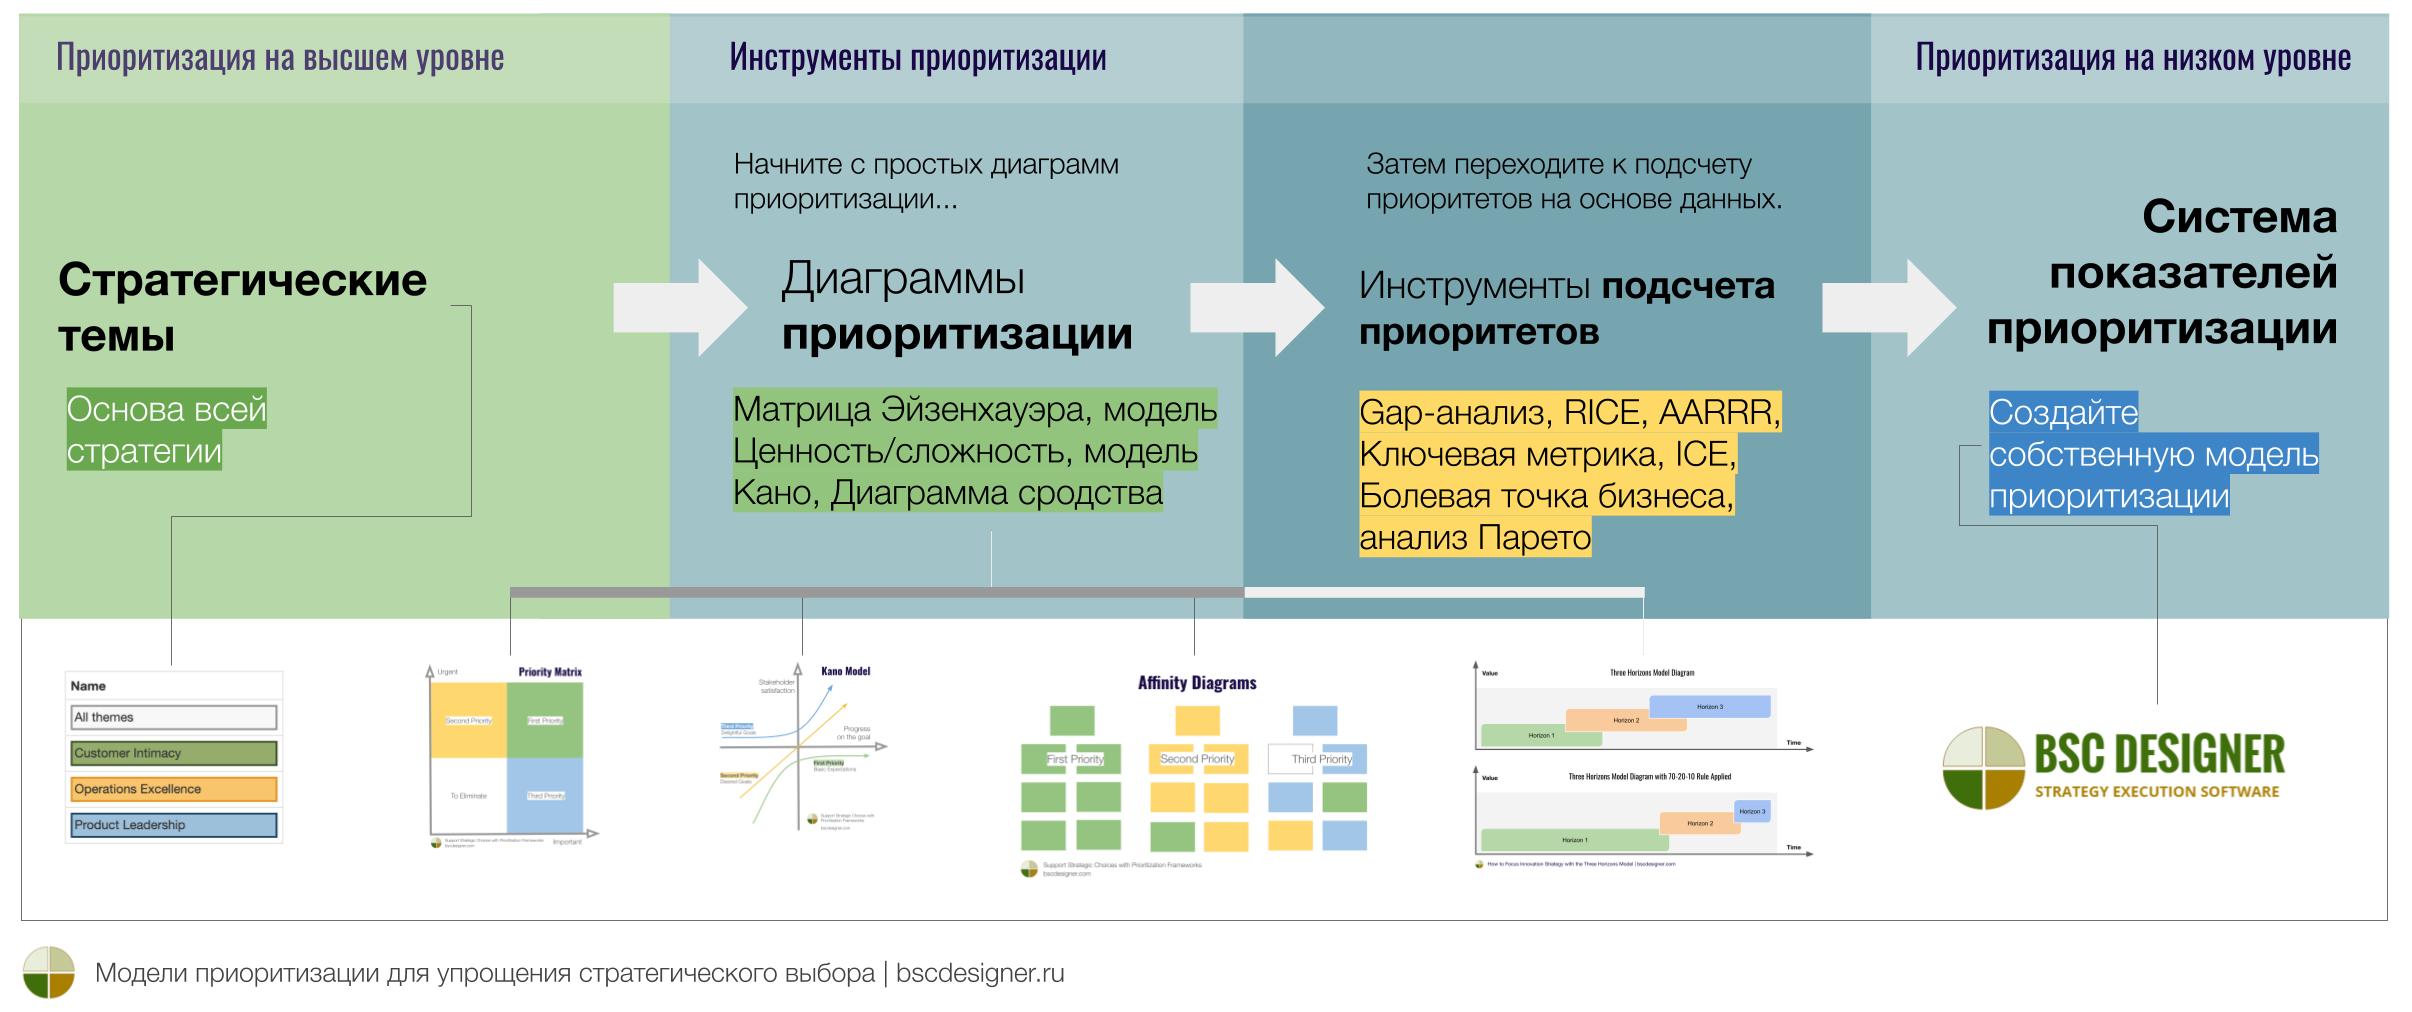 Модели приоритизации для упрощения стратегического выбора. Инструменты приоритизации